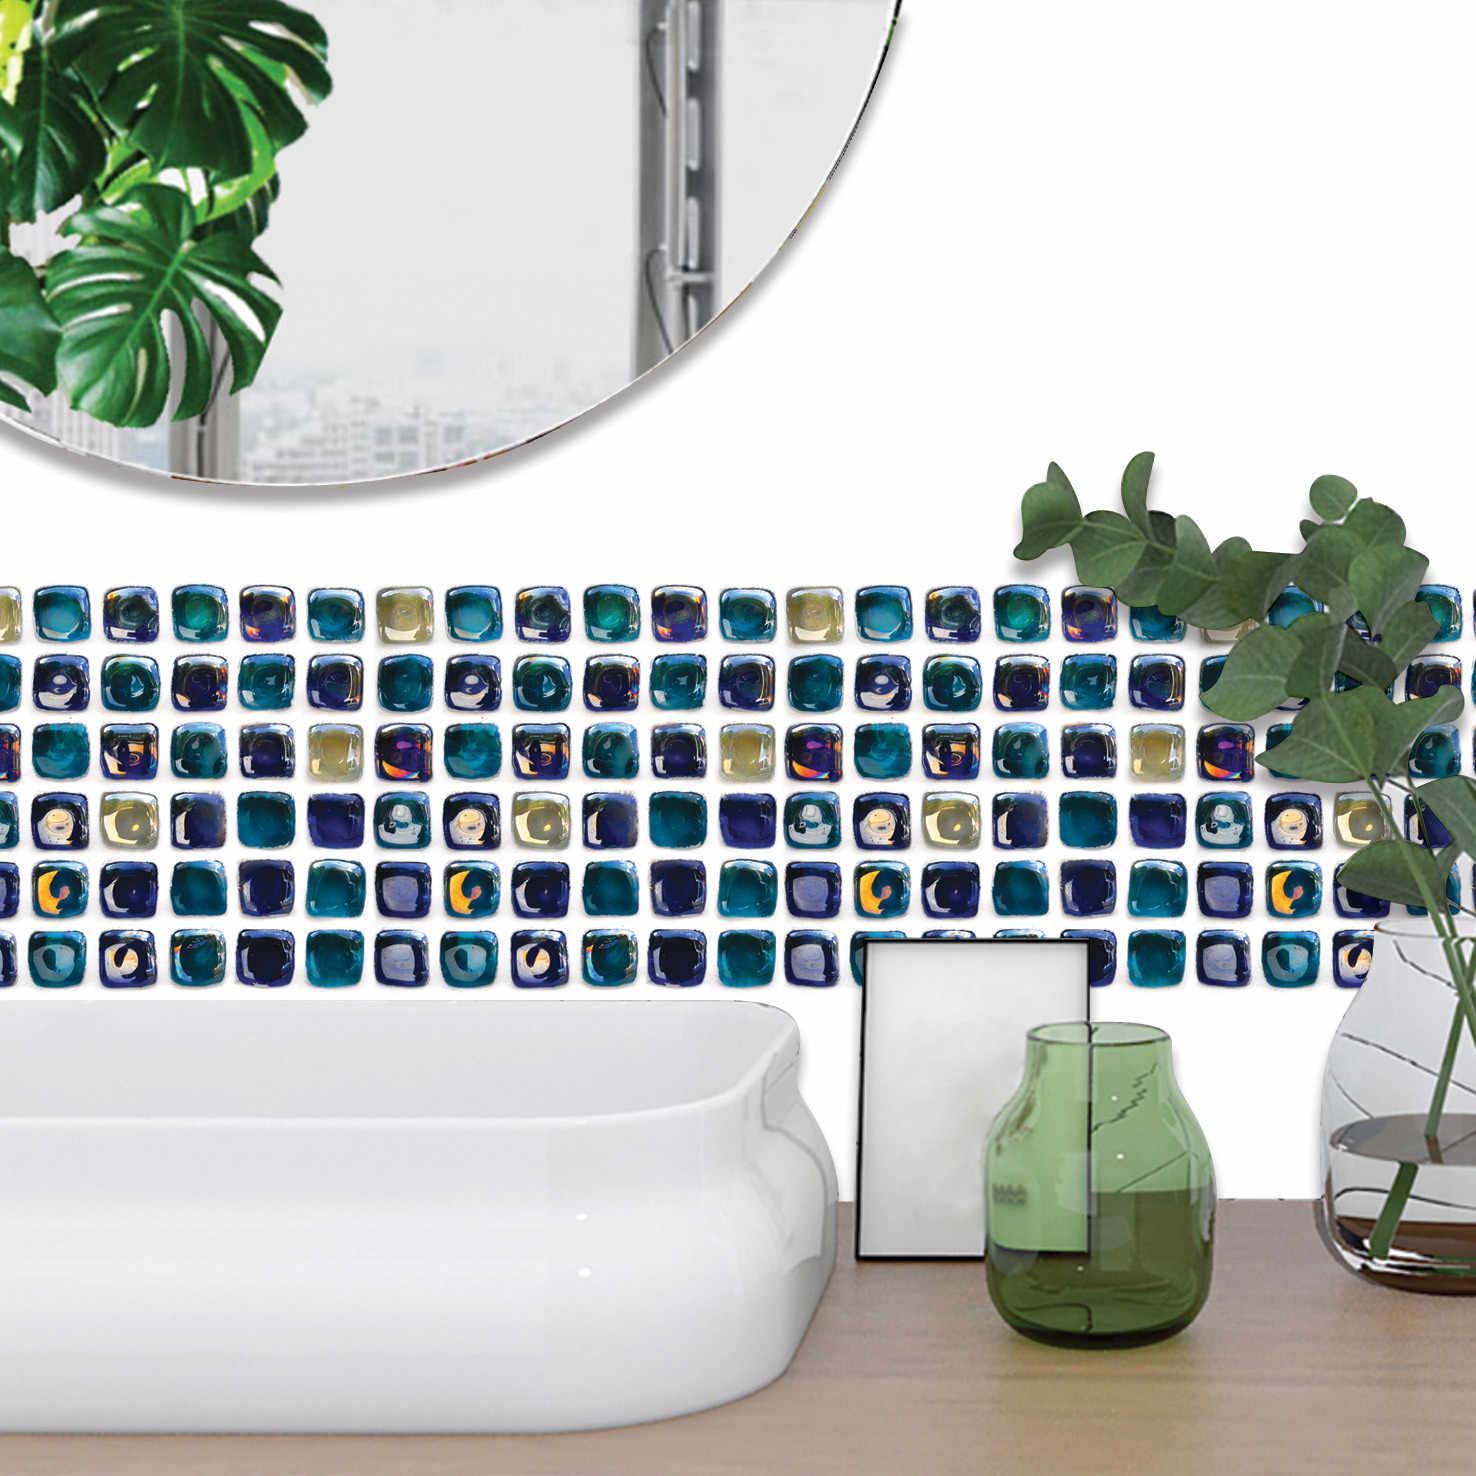 ملصقات على الحائط للأزياء المنزل غرفة الديكور 3D محاكاة بلاط ملصقات المنزل الديكور للماء الحمام ملصقات جدار